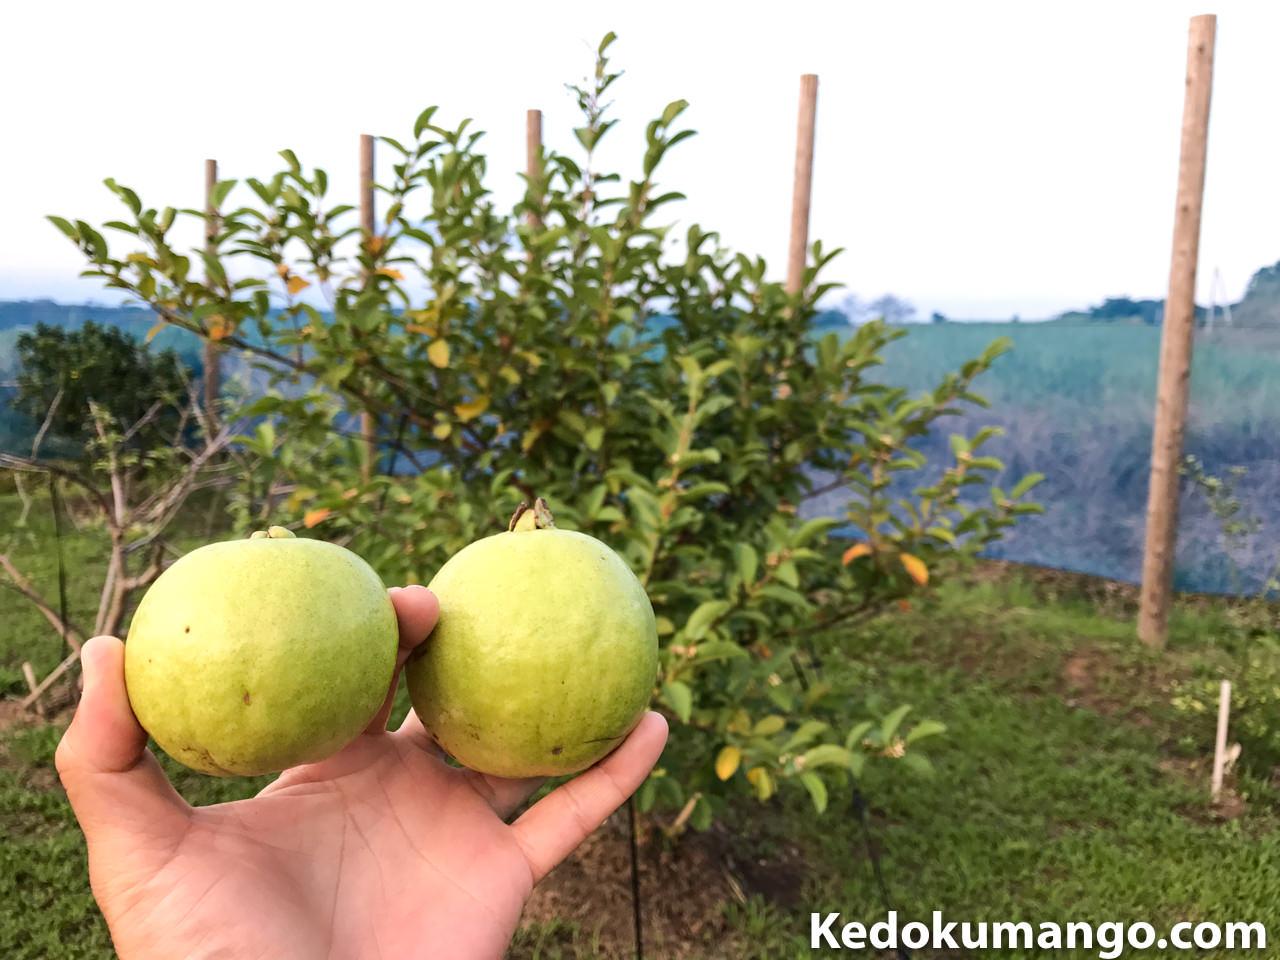 収穫したキンググアバ